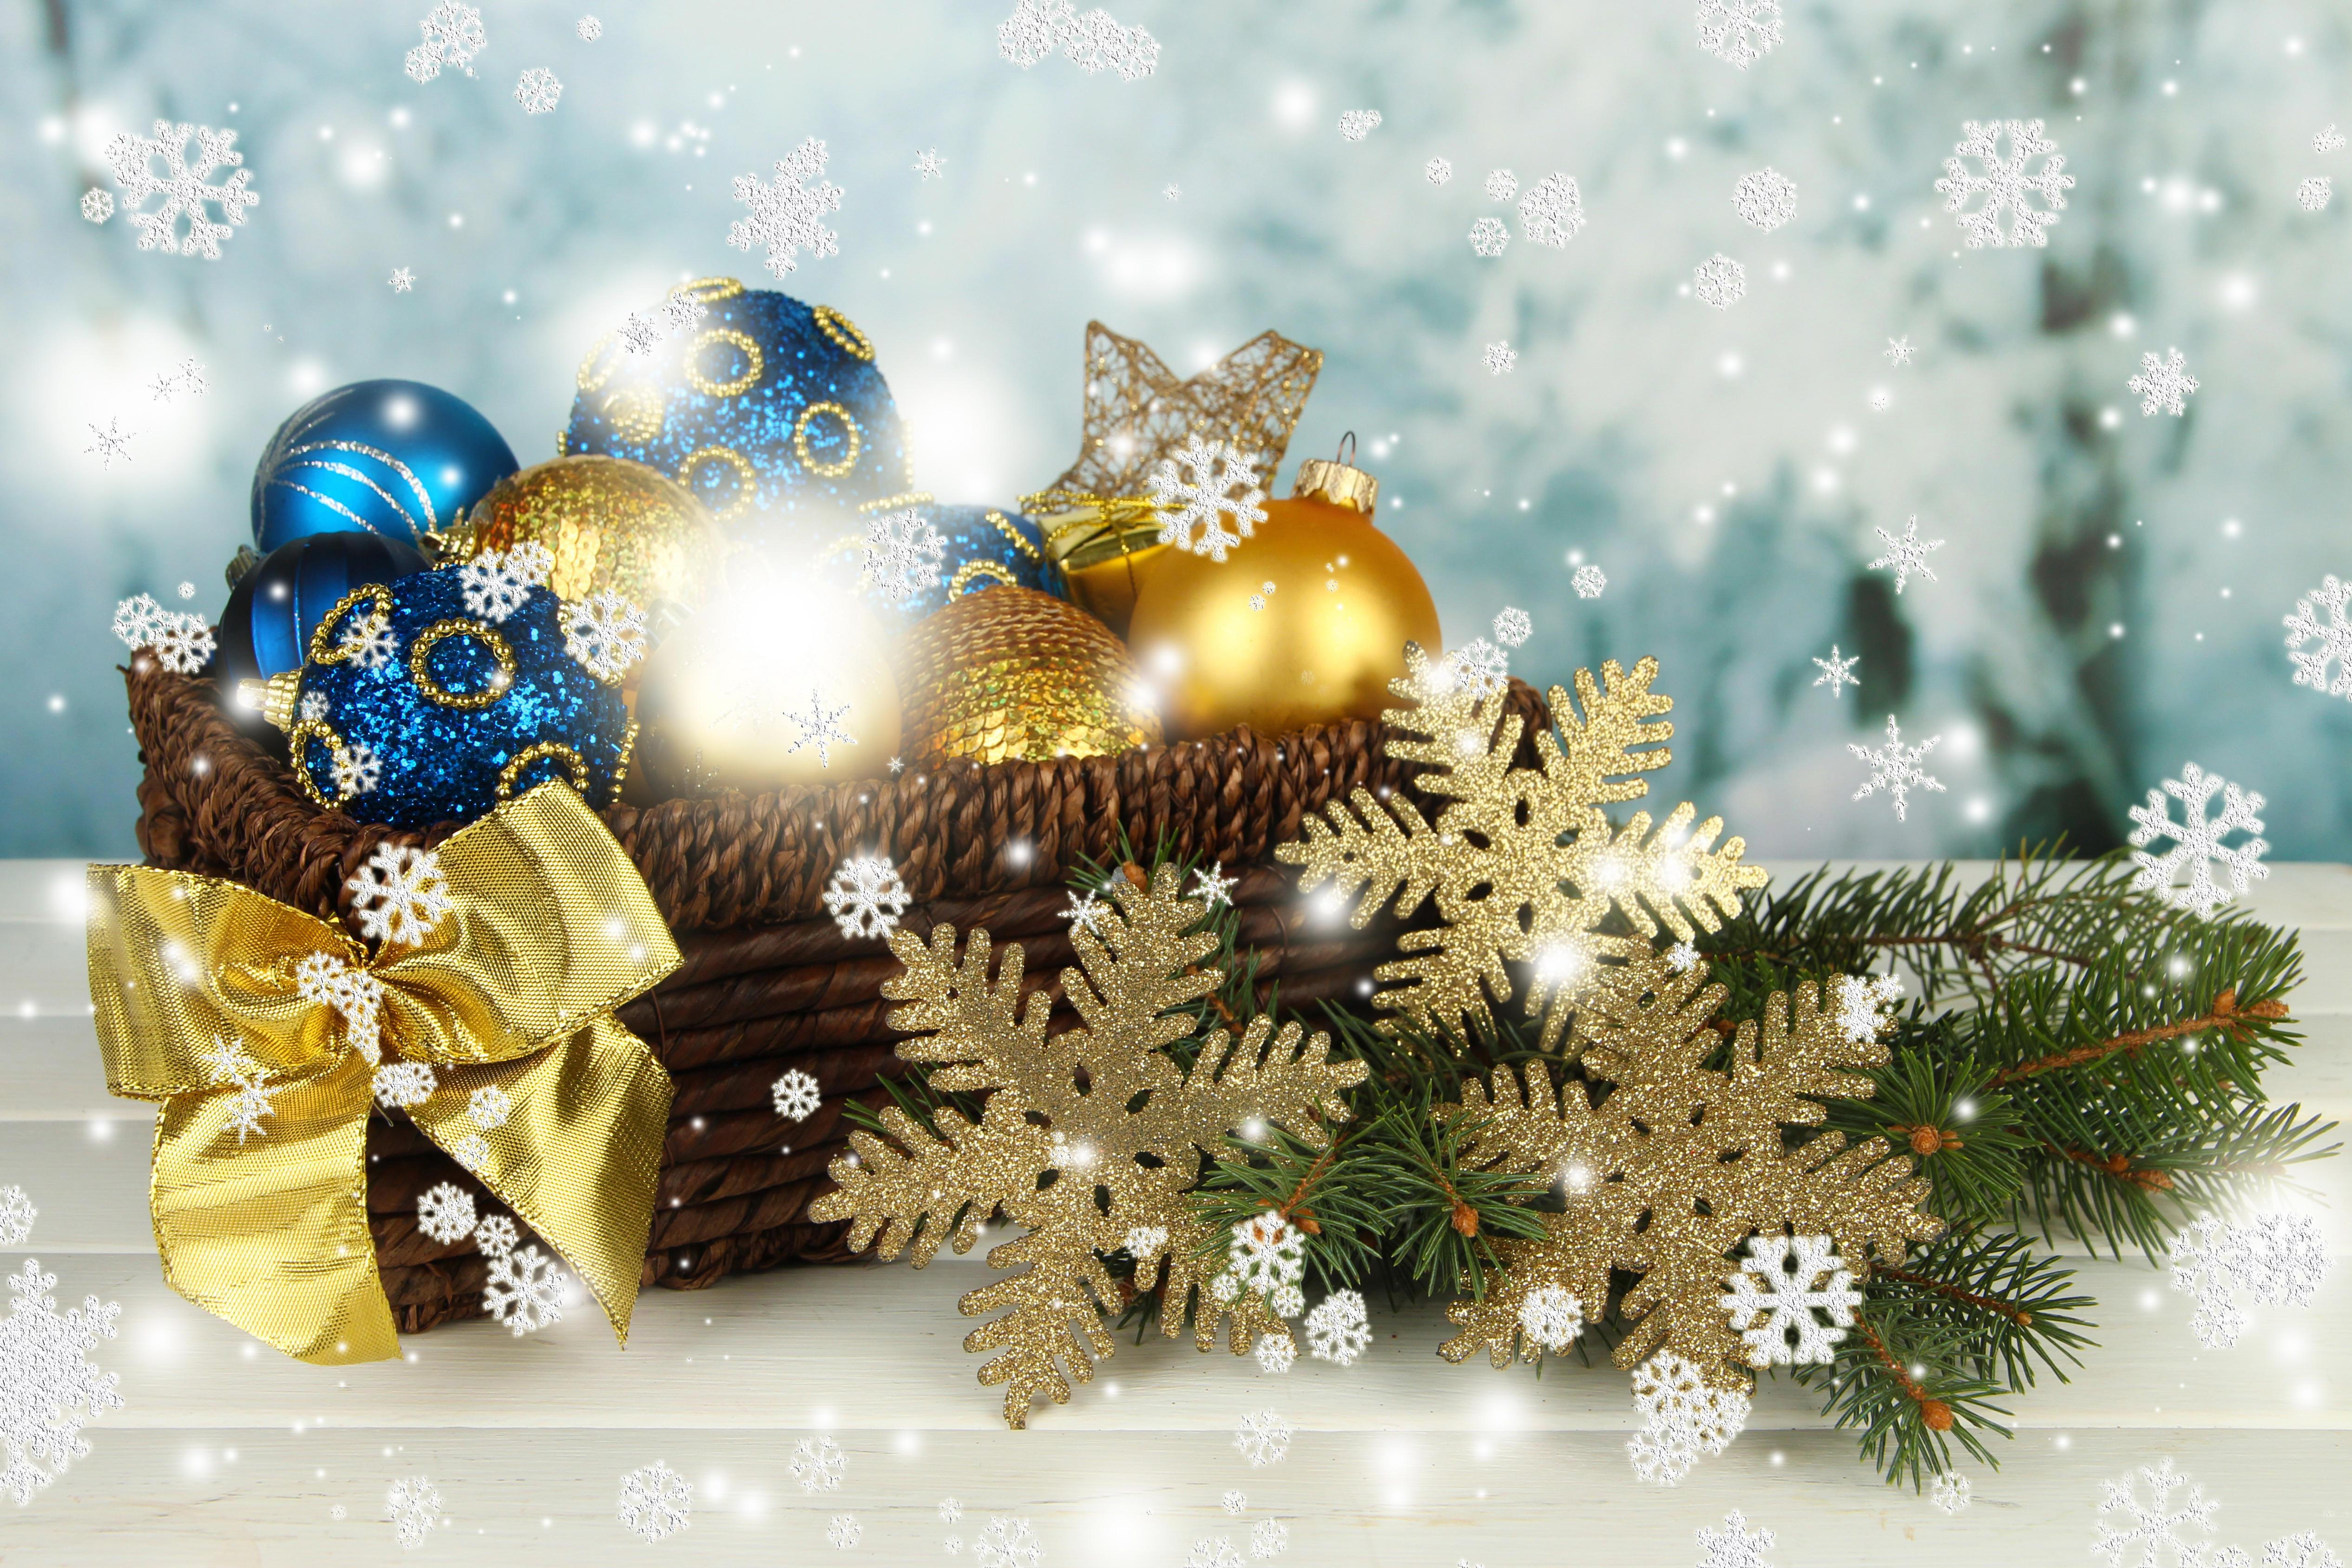 самые красивые новогодние открытки фото армянки уехал рынок